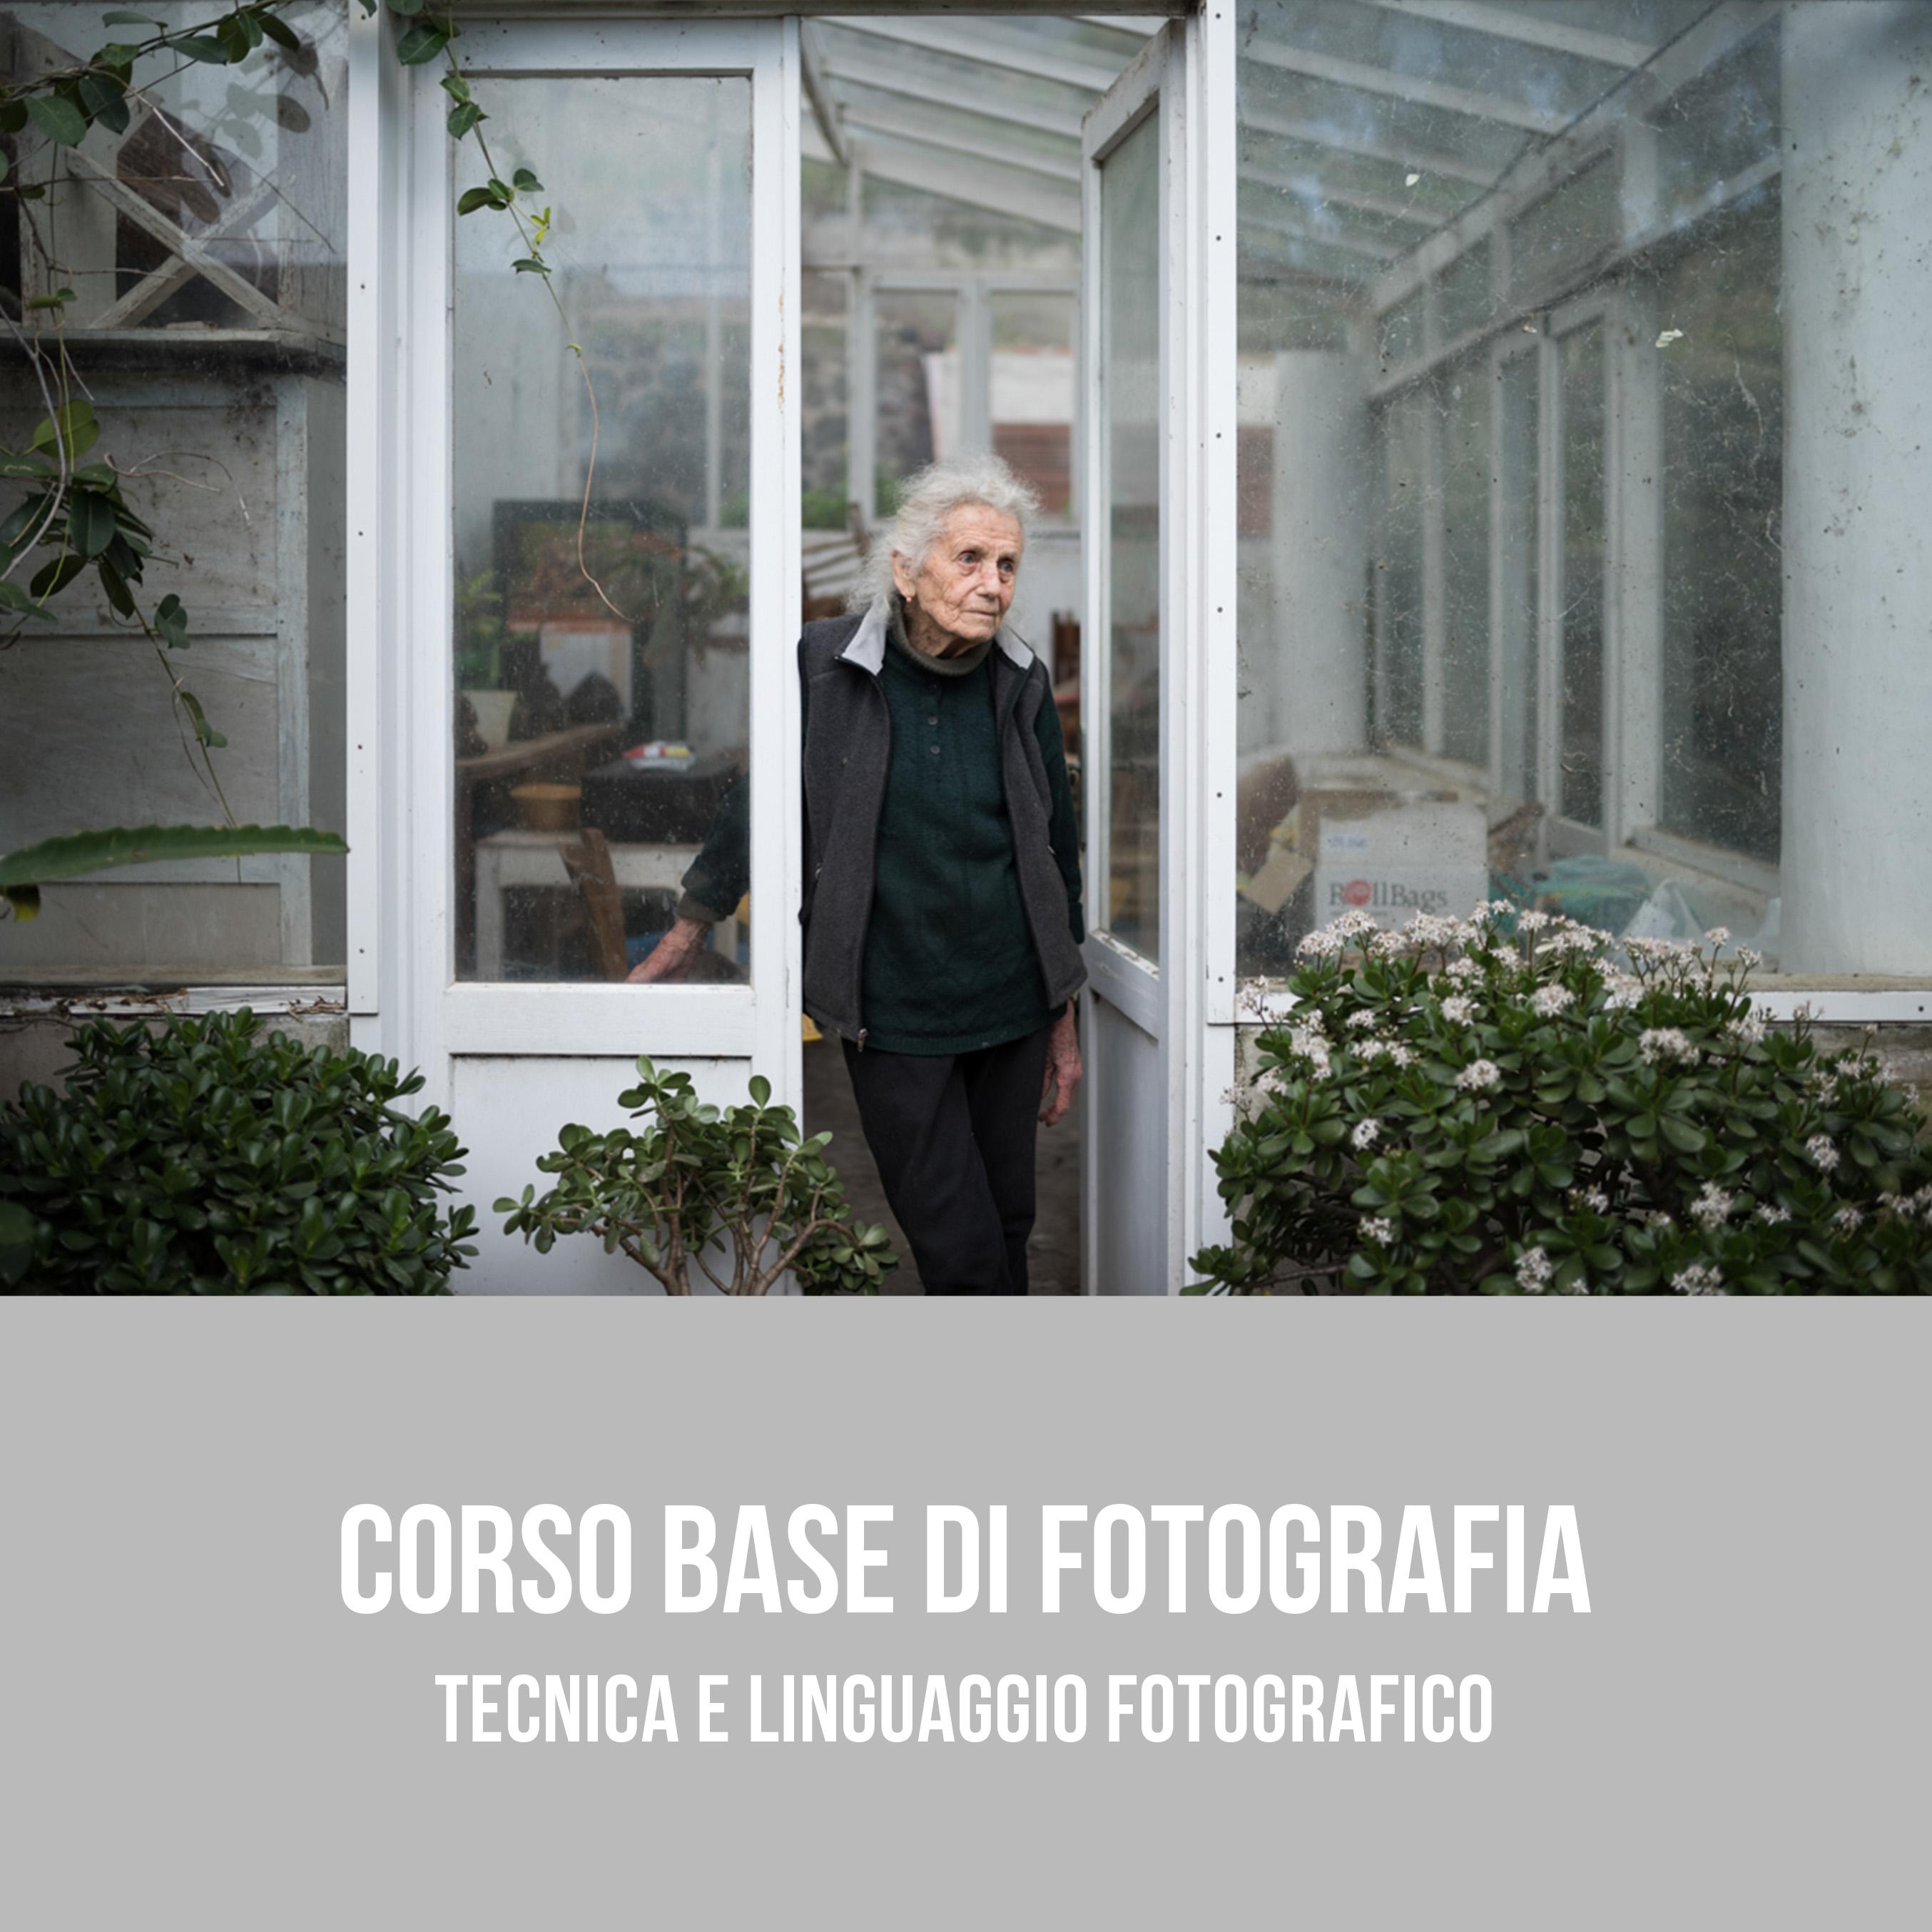 Corso base di fotografia e linguaggio a Bari, Puglia 2018 ©Nicola Dipierro